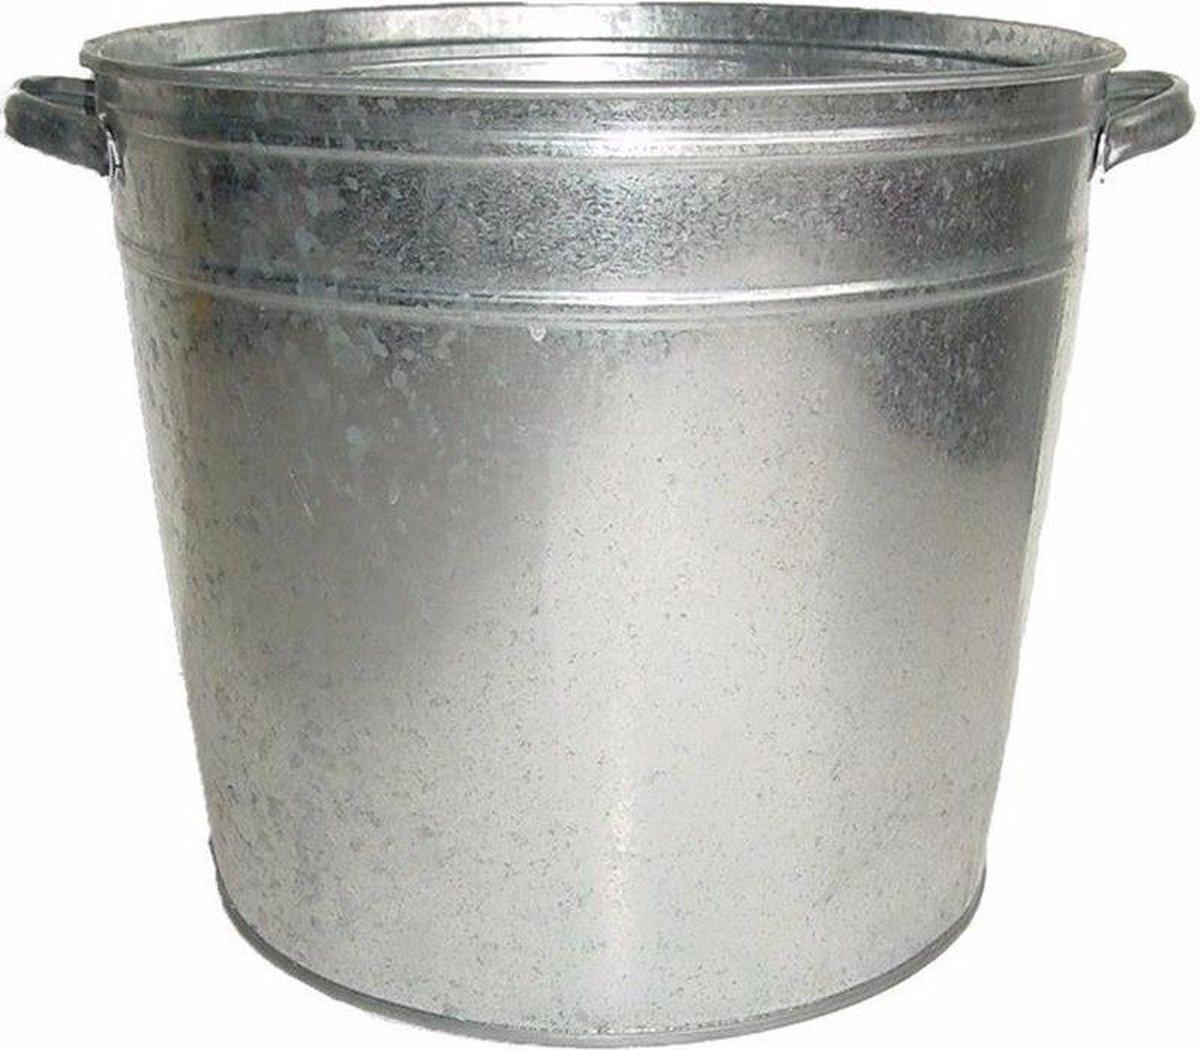 Drankkoeler - 37 liter - Zink/zilver - Merkloos